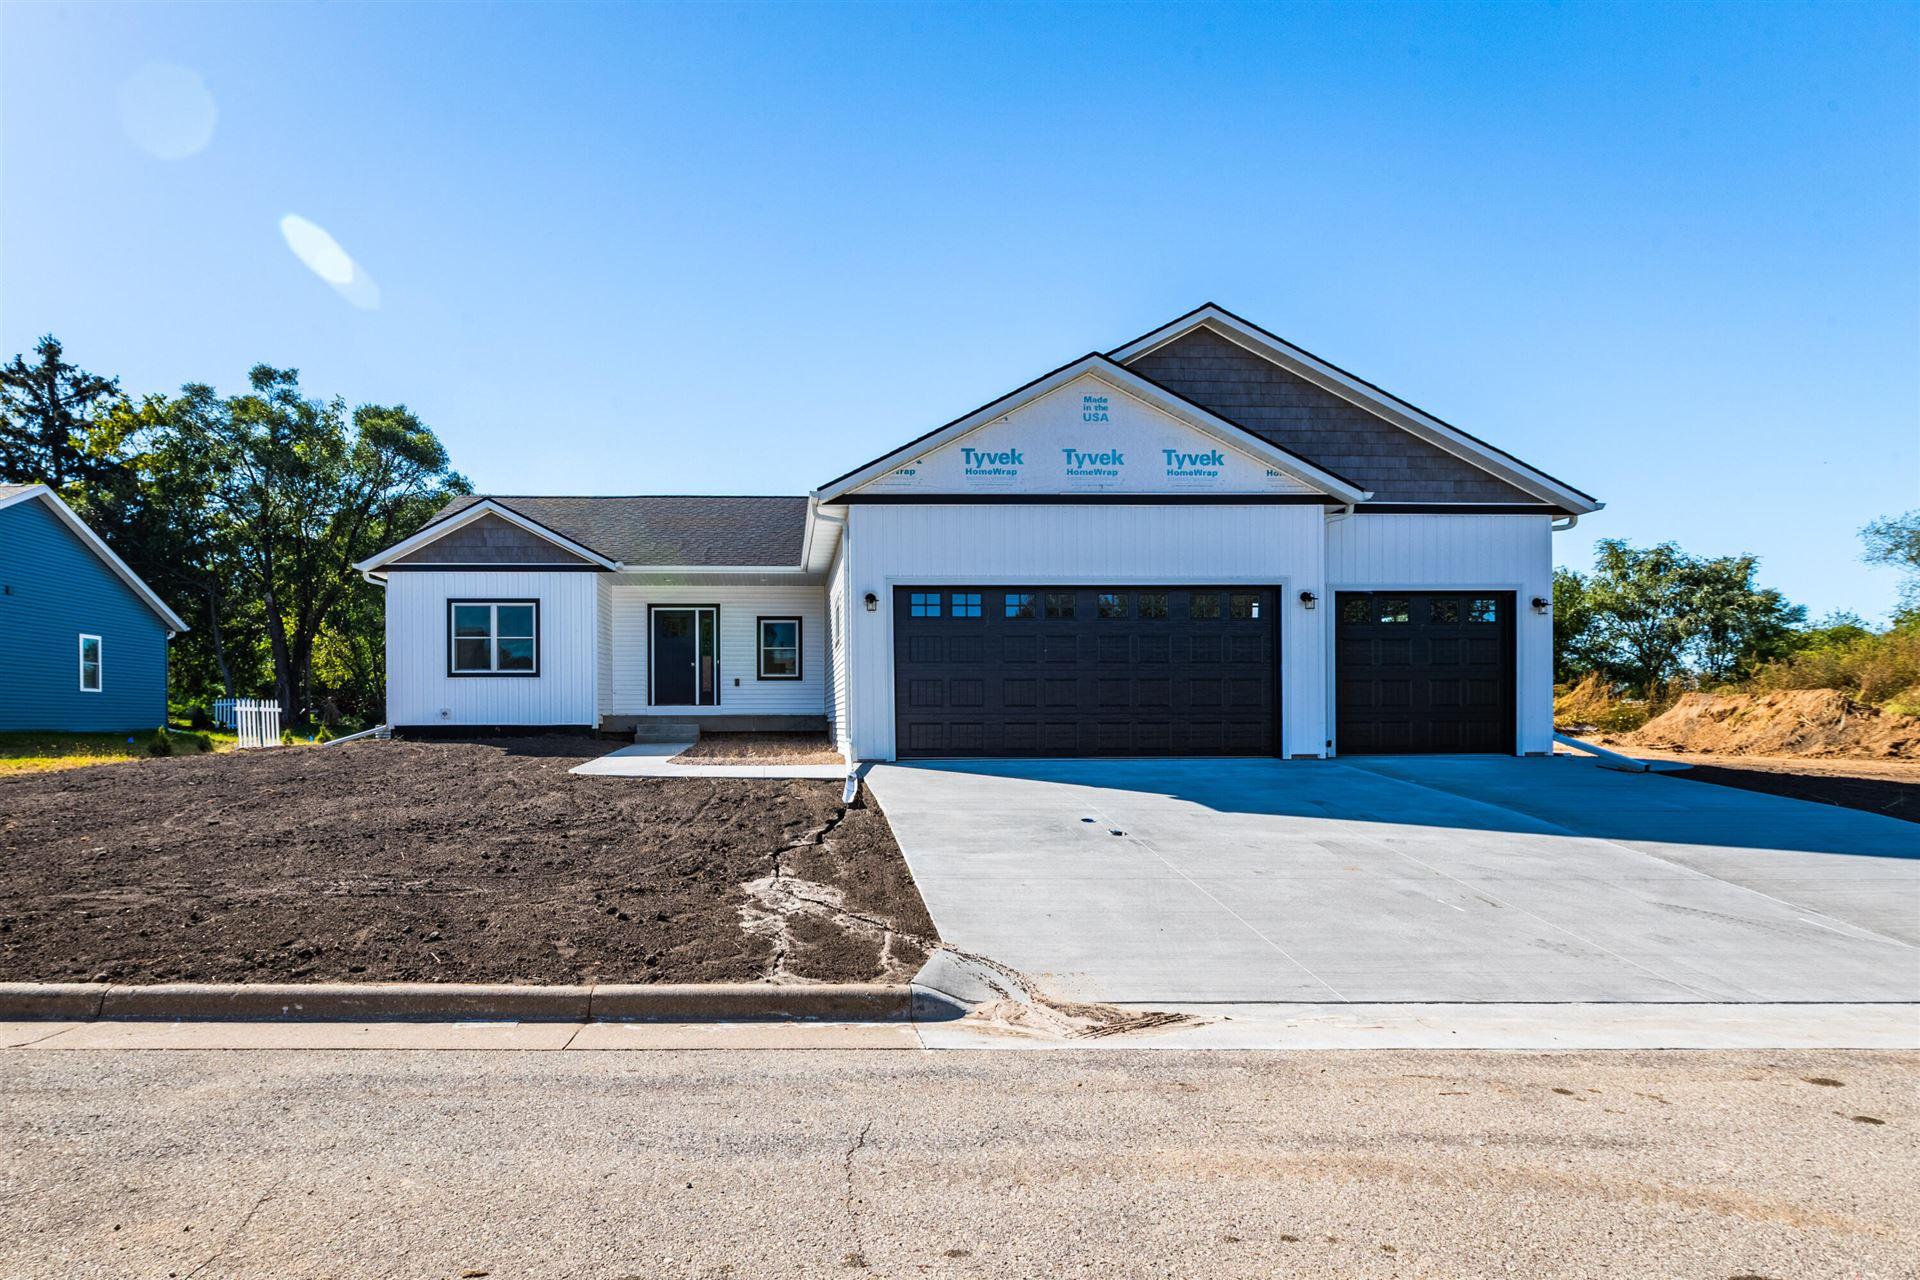 108 Sand Lake Ct, Stoddard, WI 54658 - MLS#: 1765278